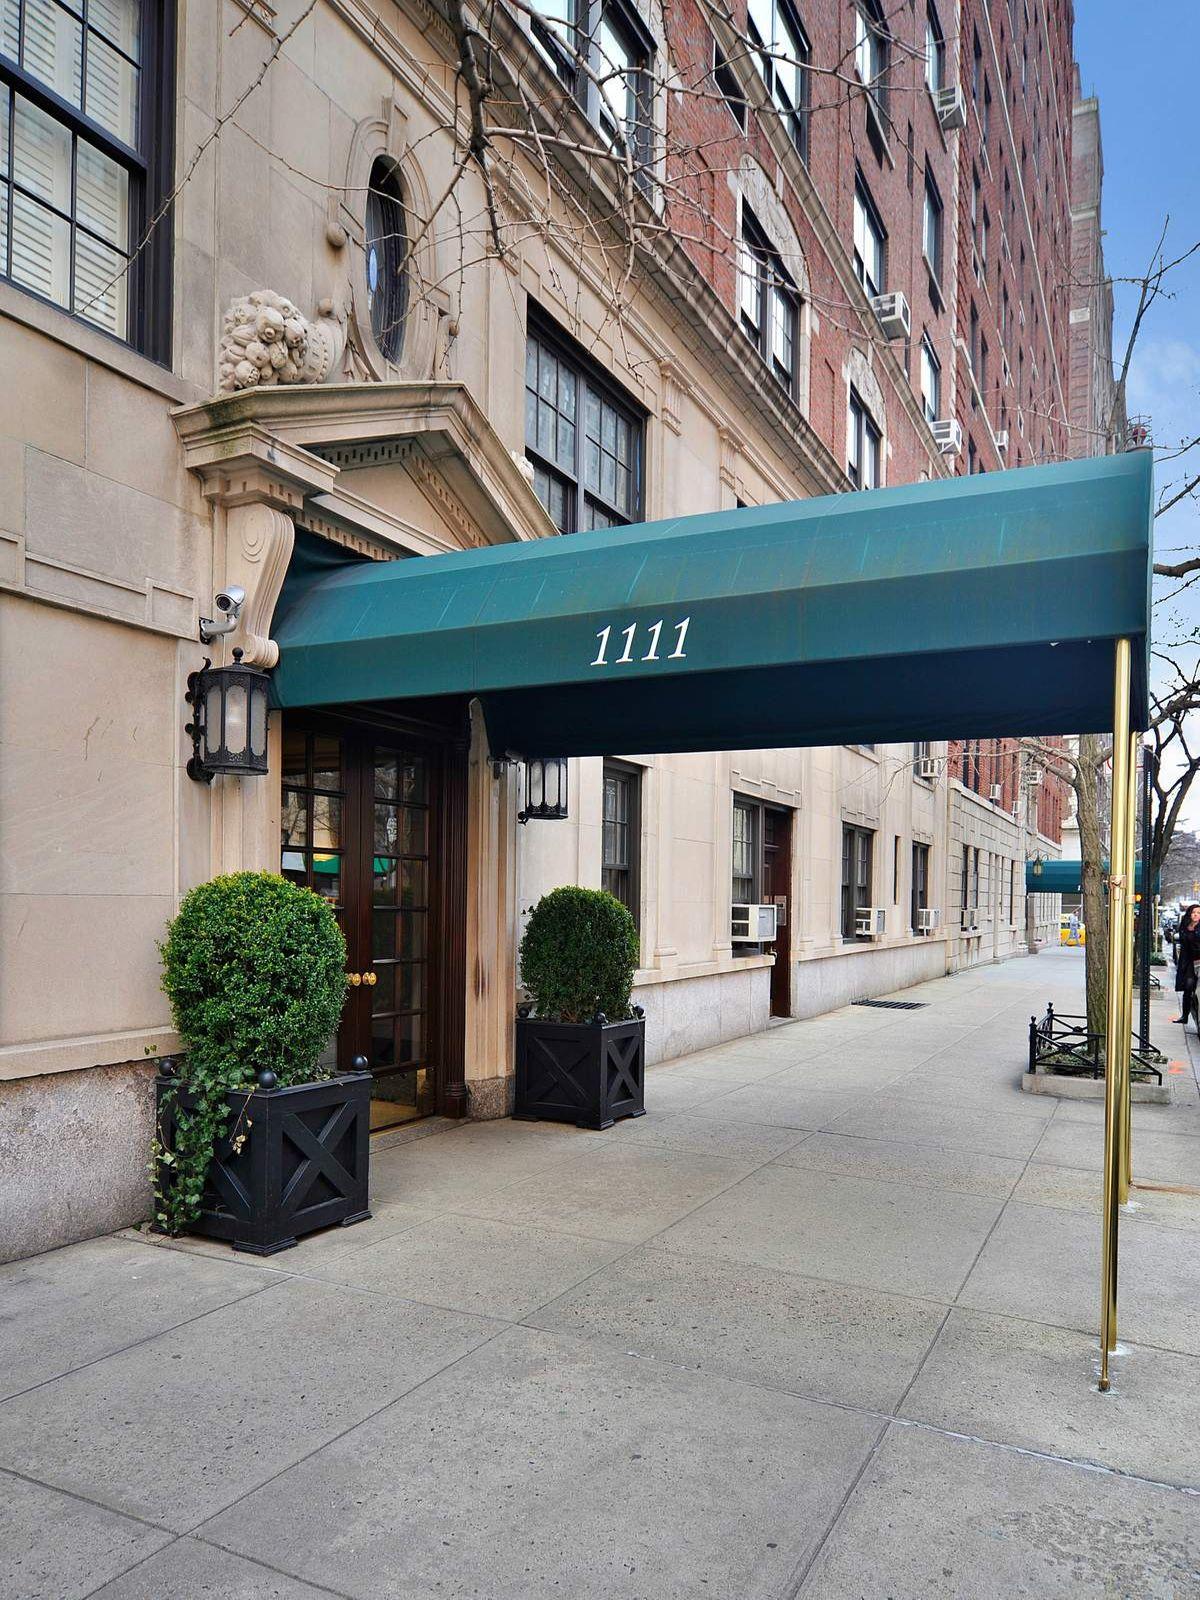 1111 Park Avenue